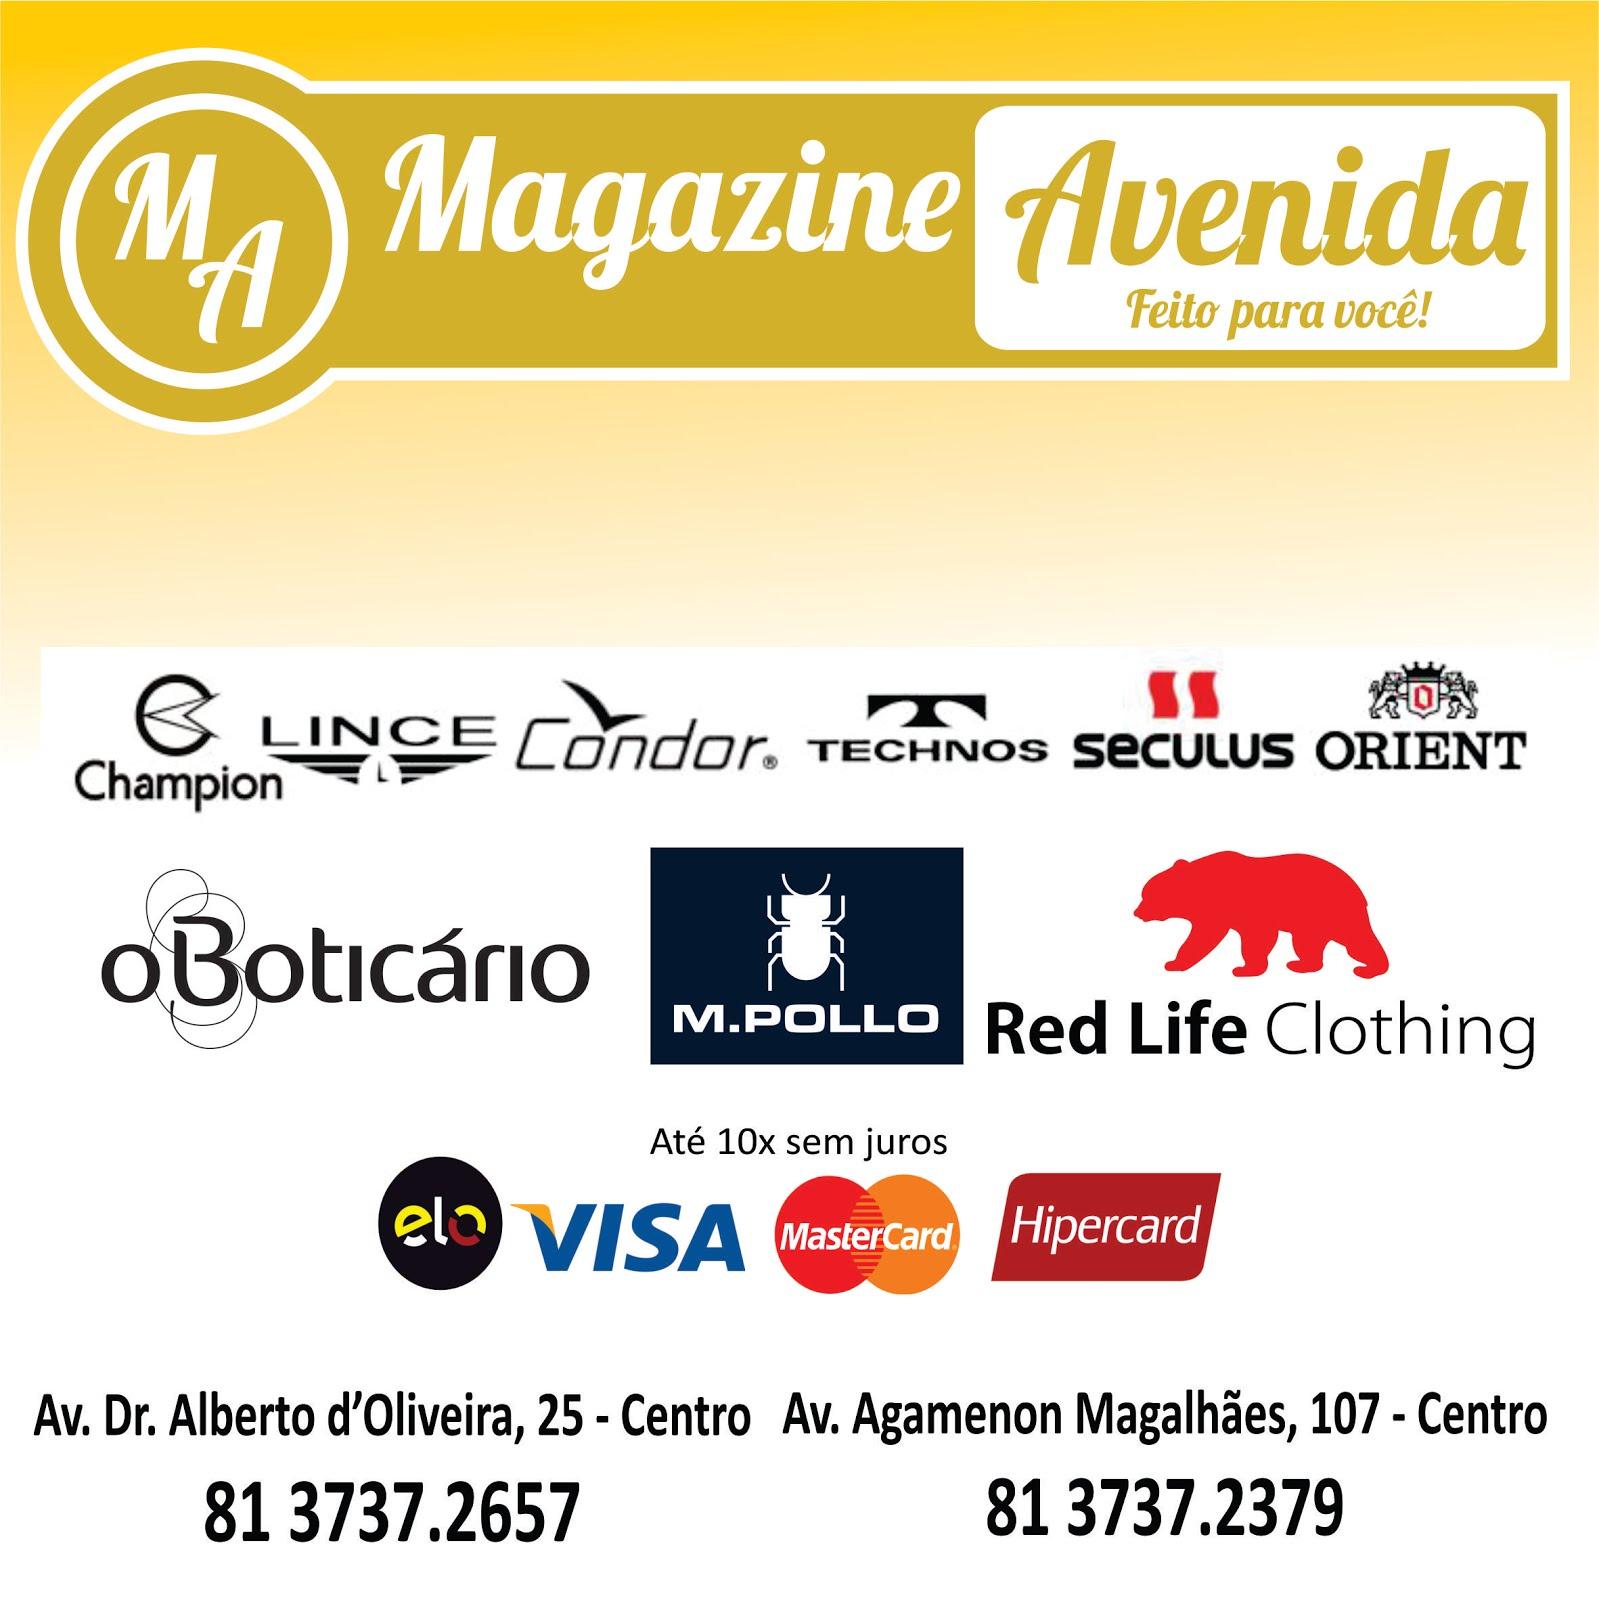 Magazine Avenida - Feito para você